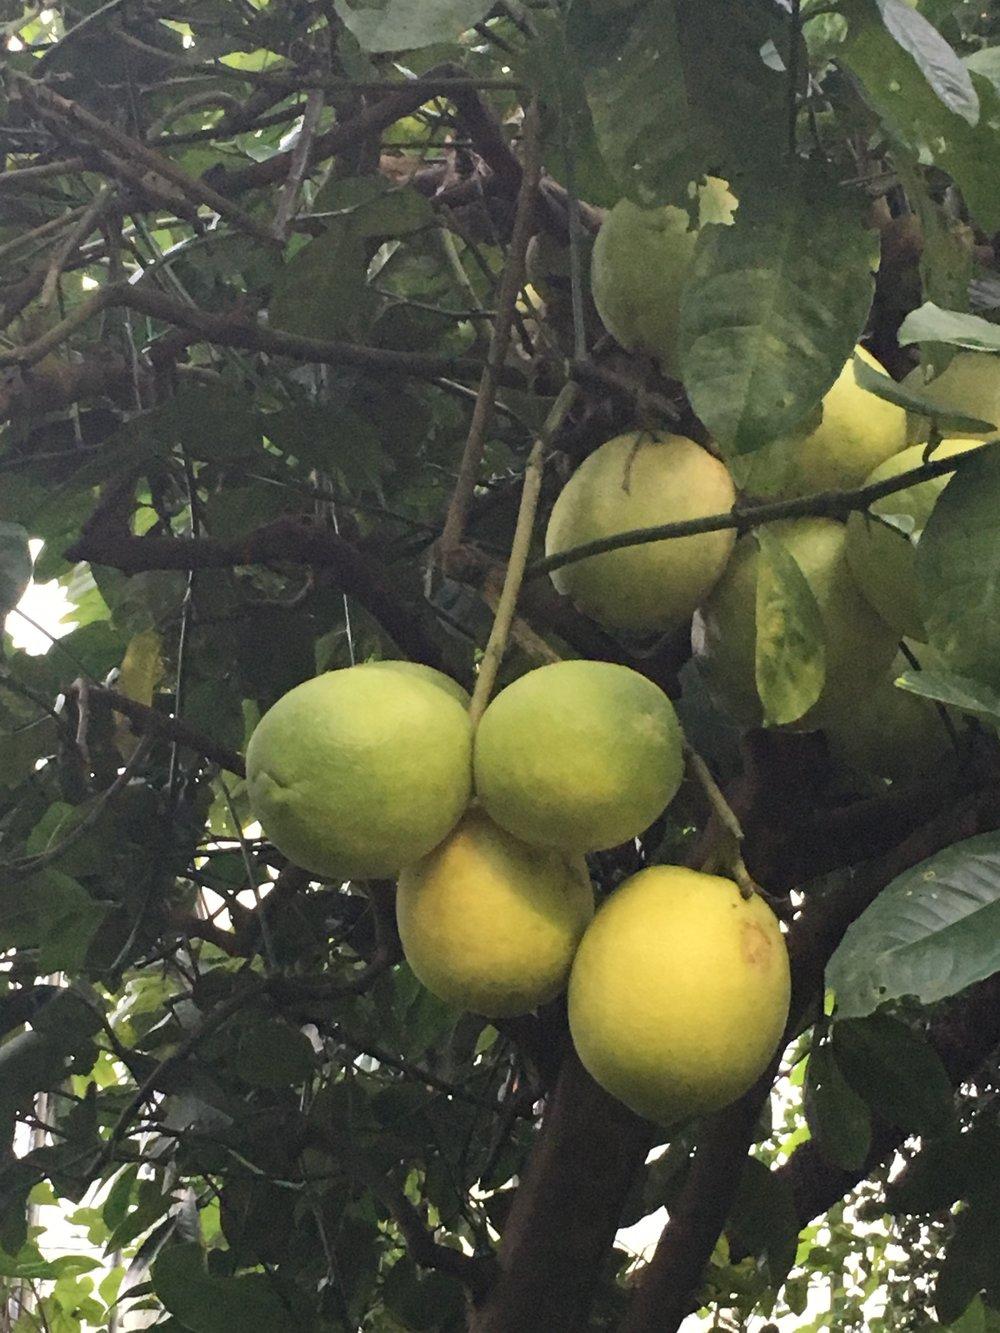 Citrus fruit grown at the botanics